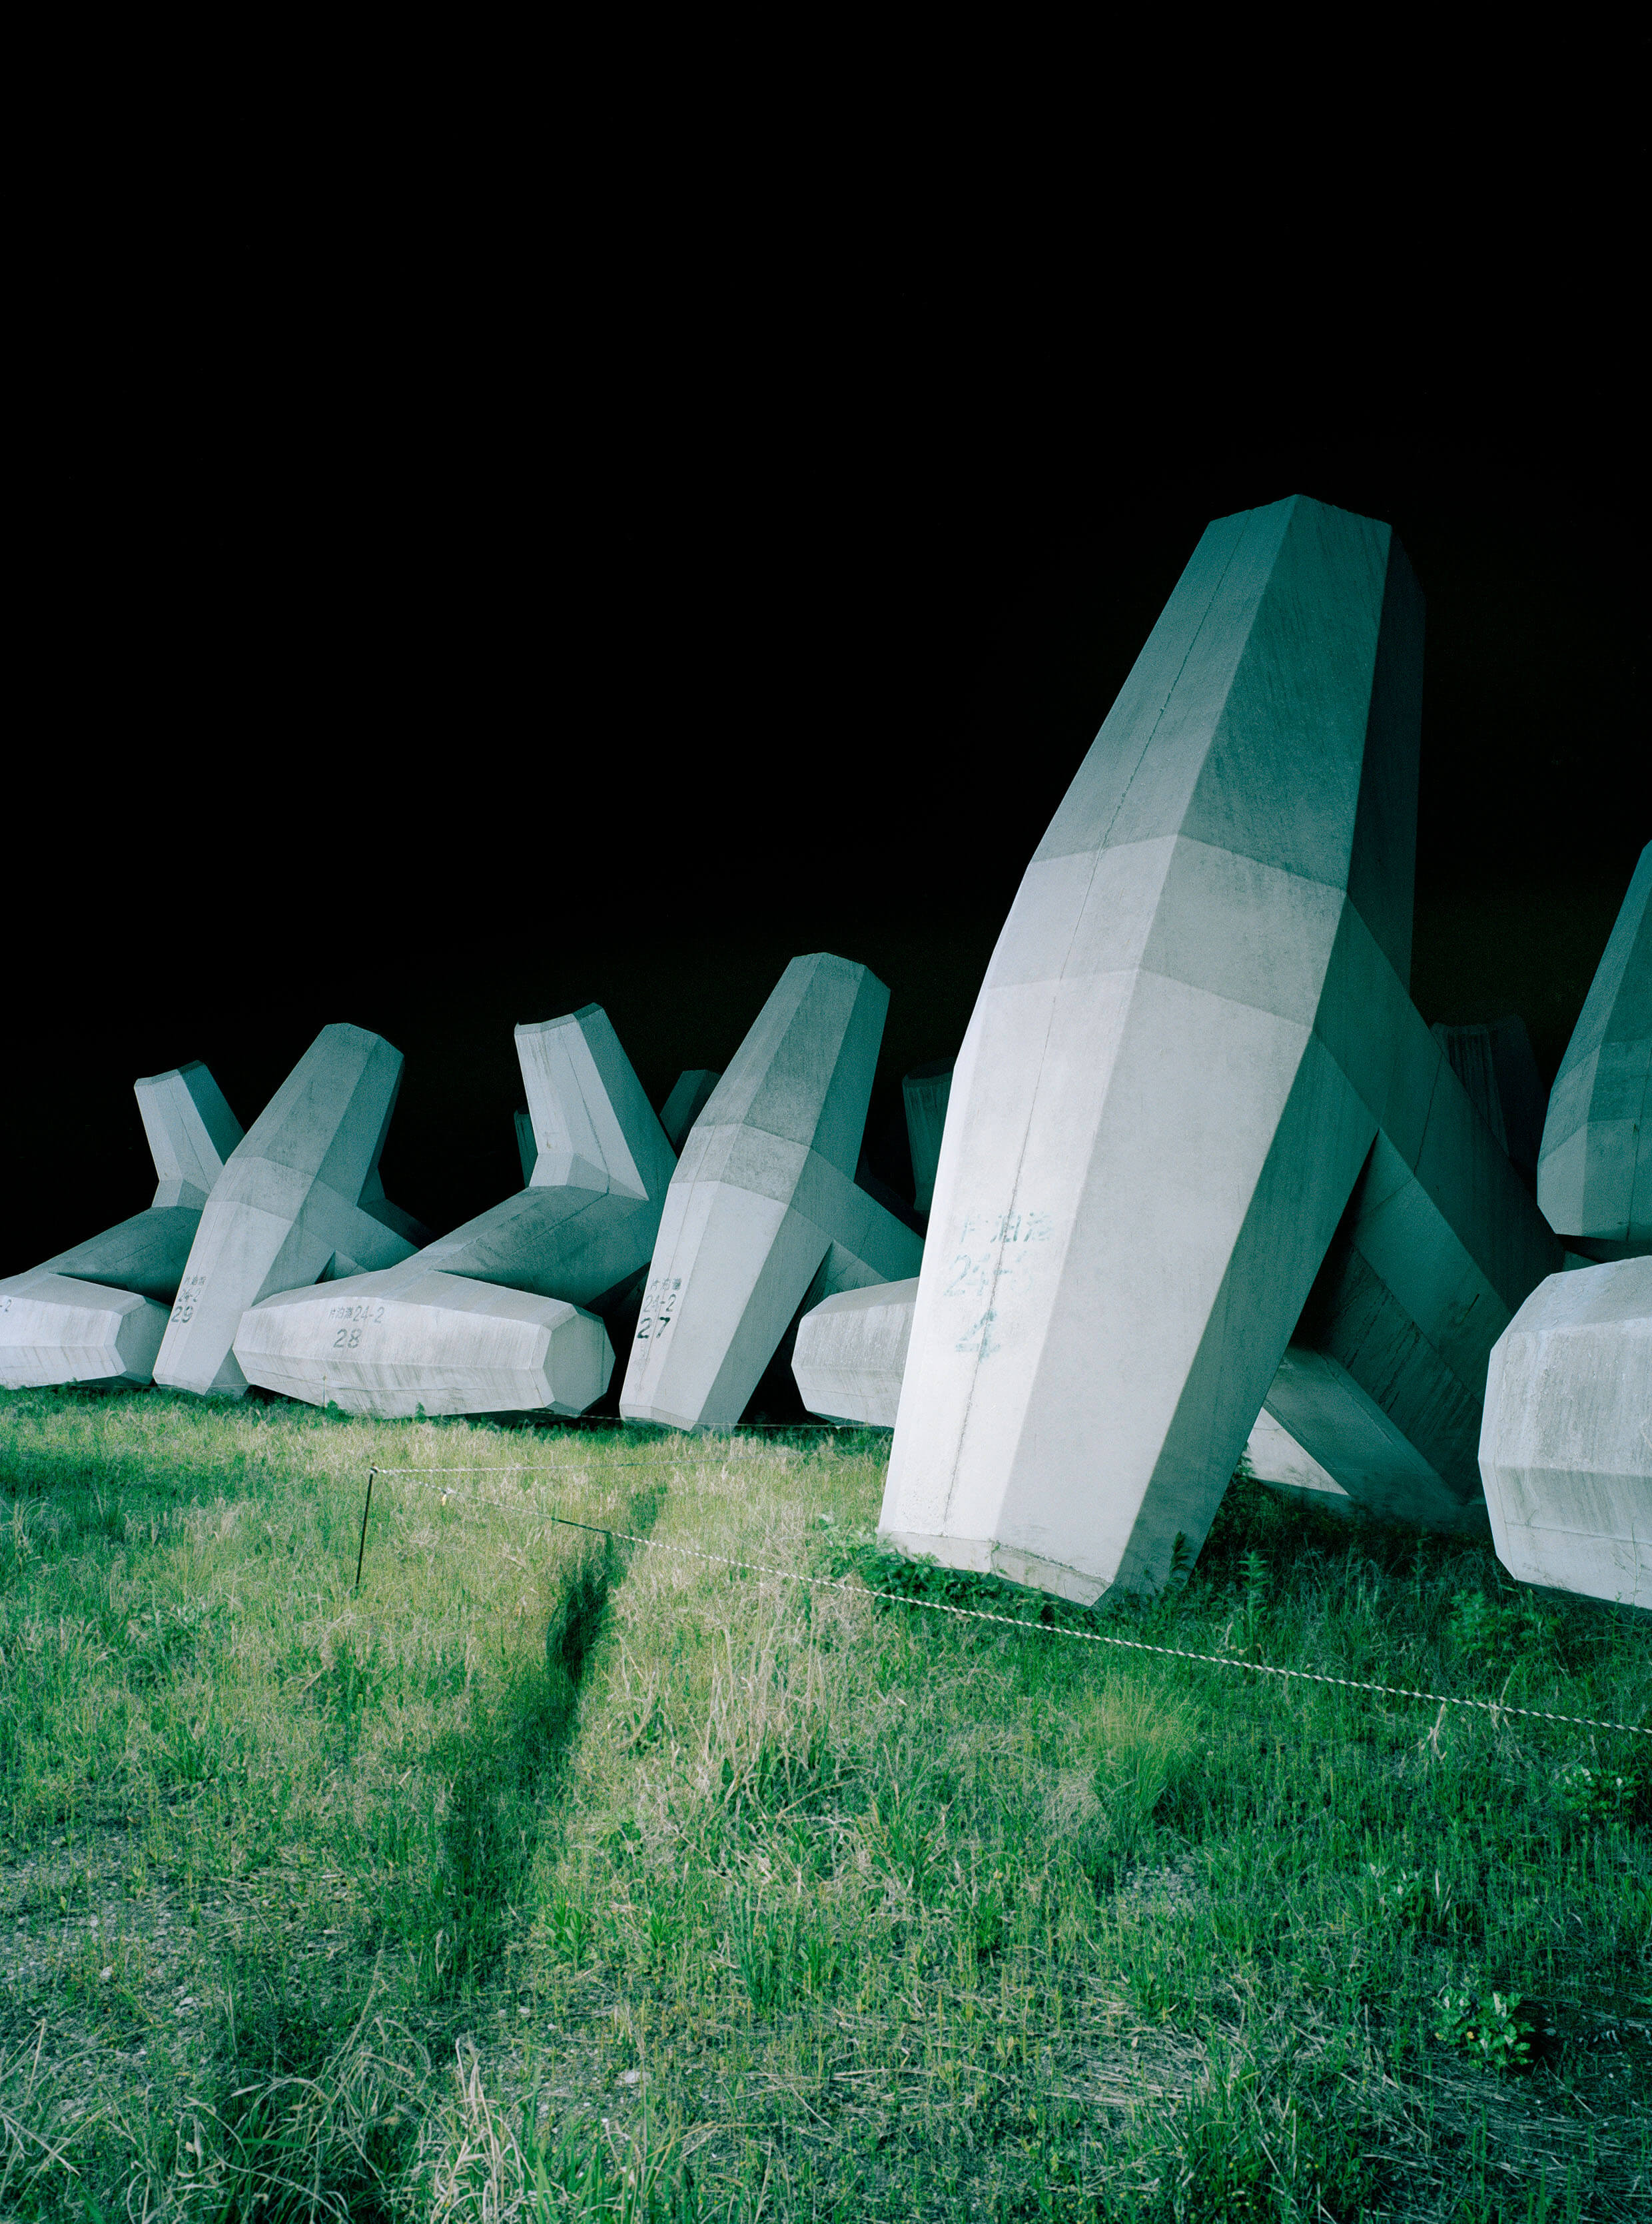 Büttner Arles Herstellung von Traumbildern